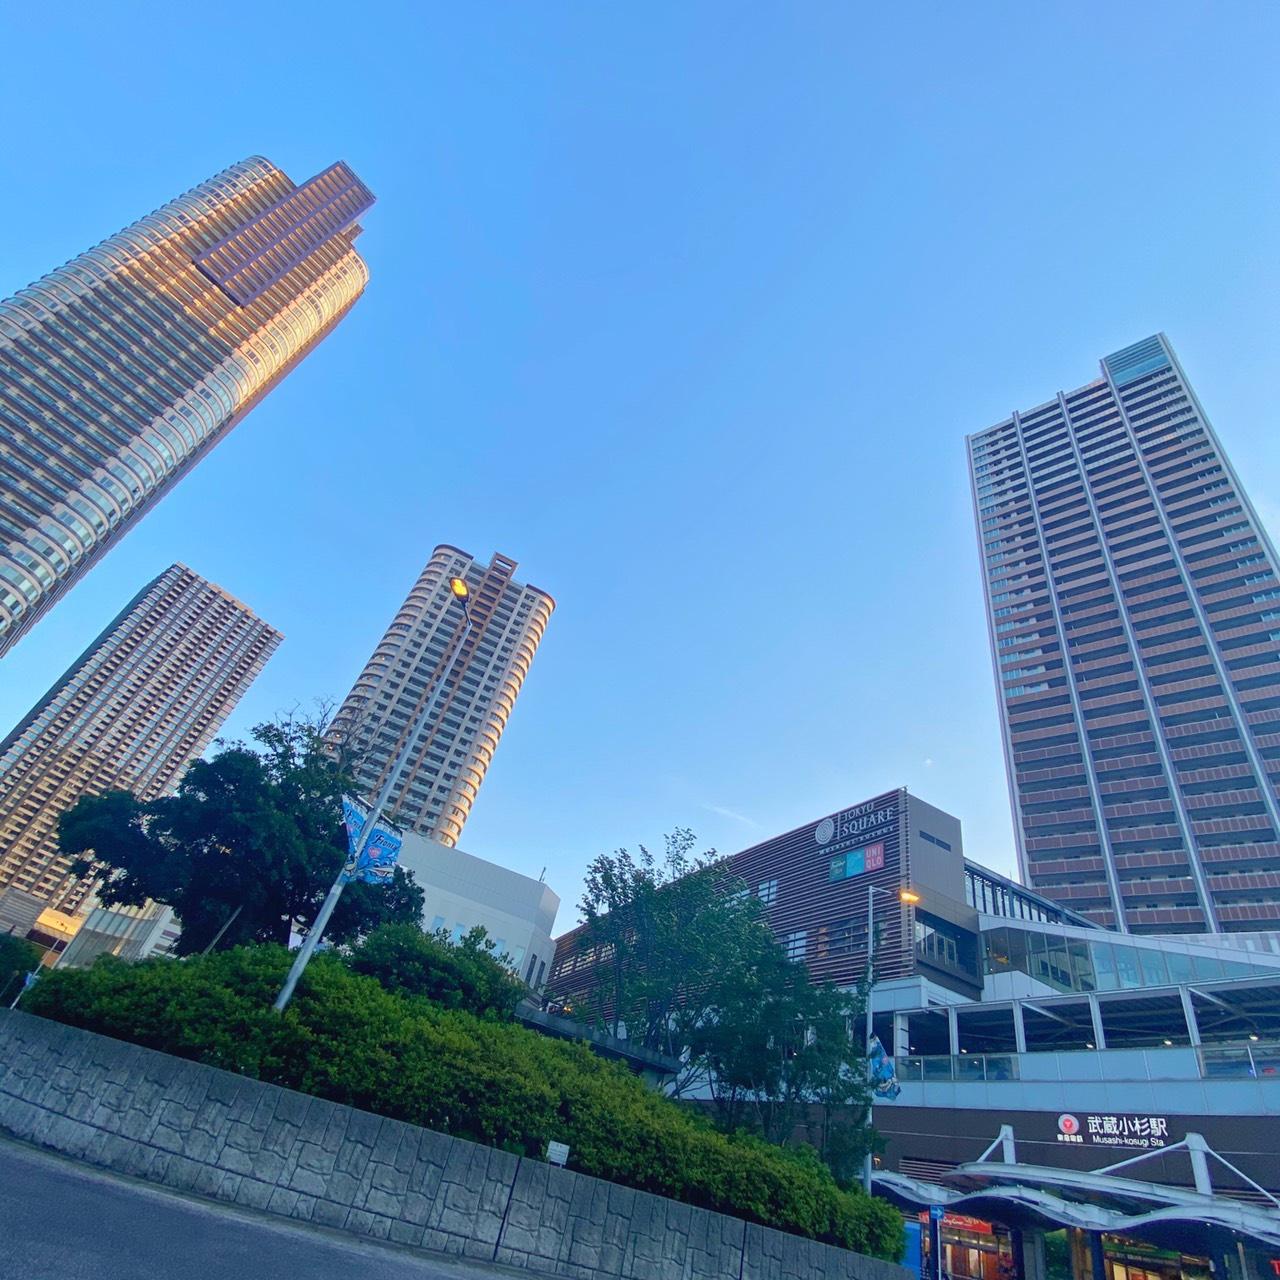 中原区の一大拠点・武蔵小杉駅